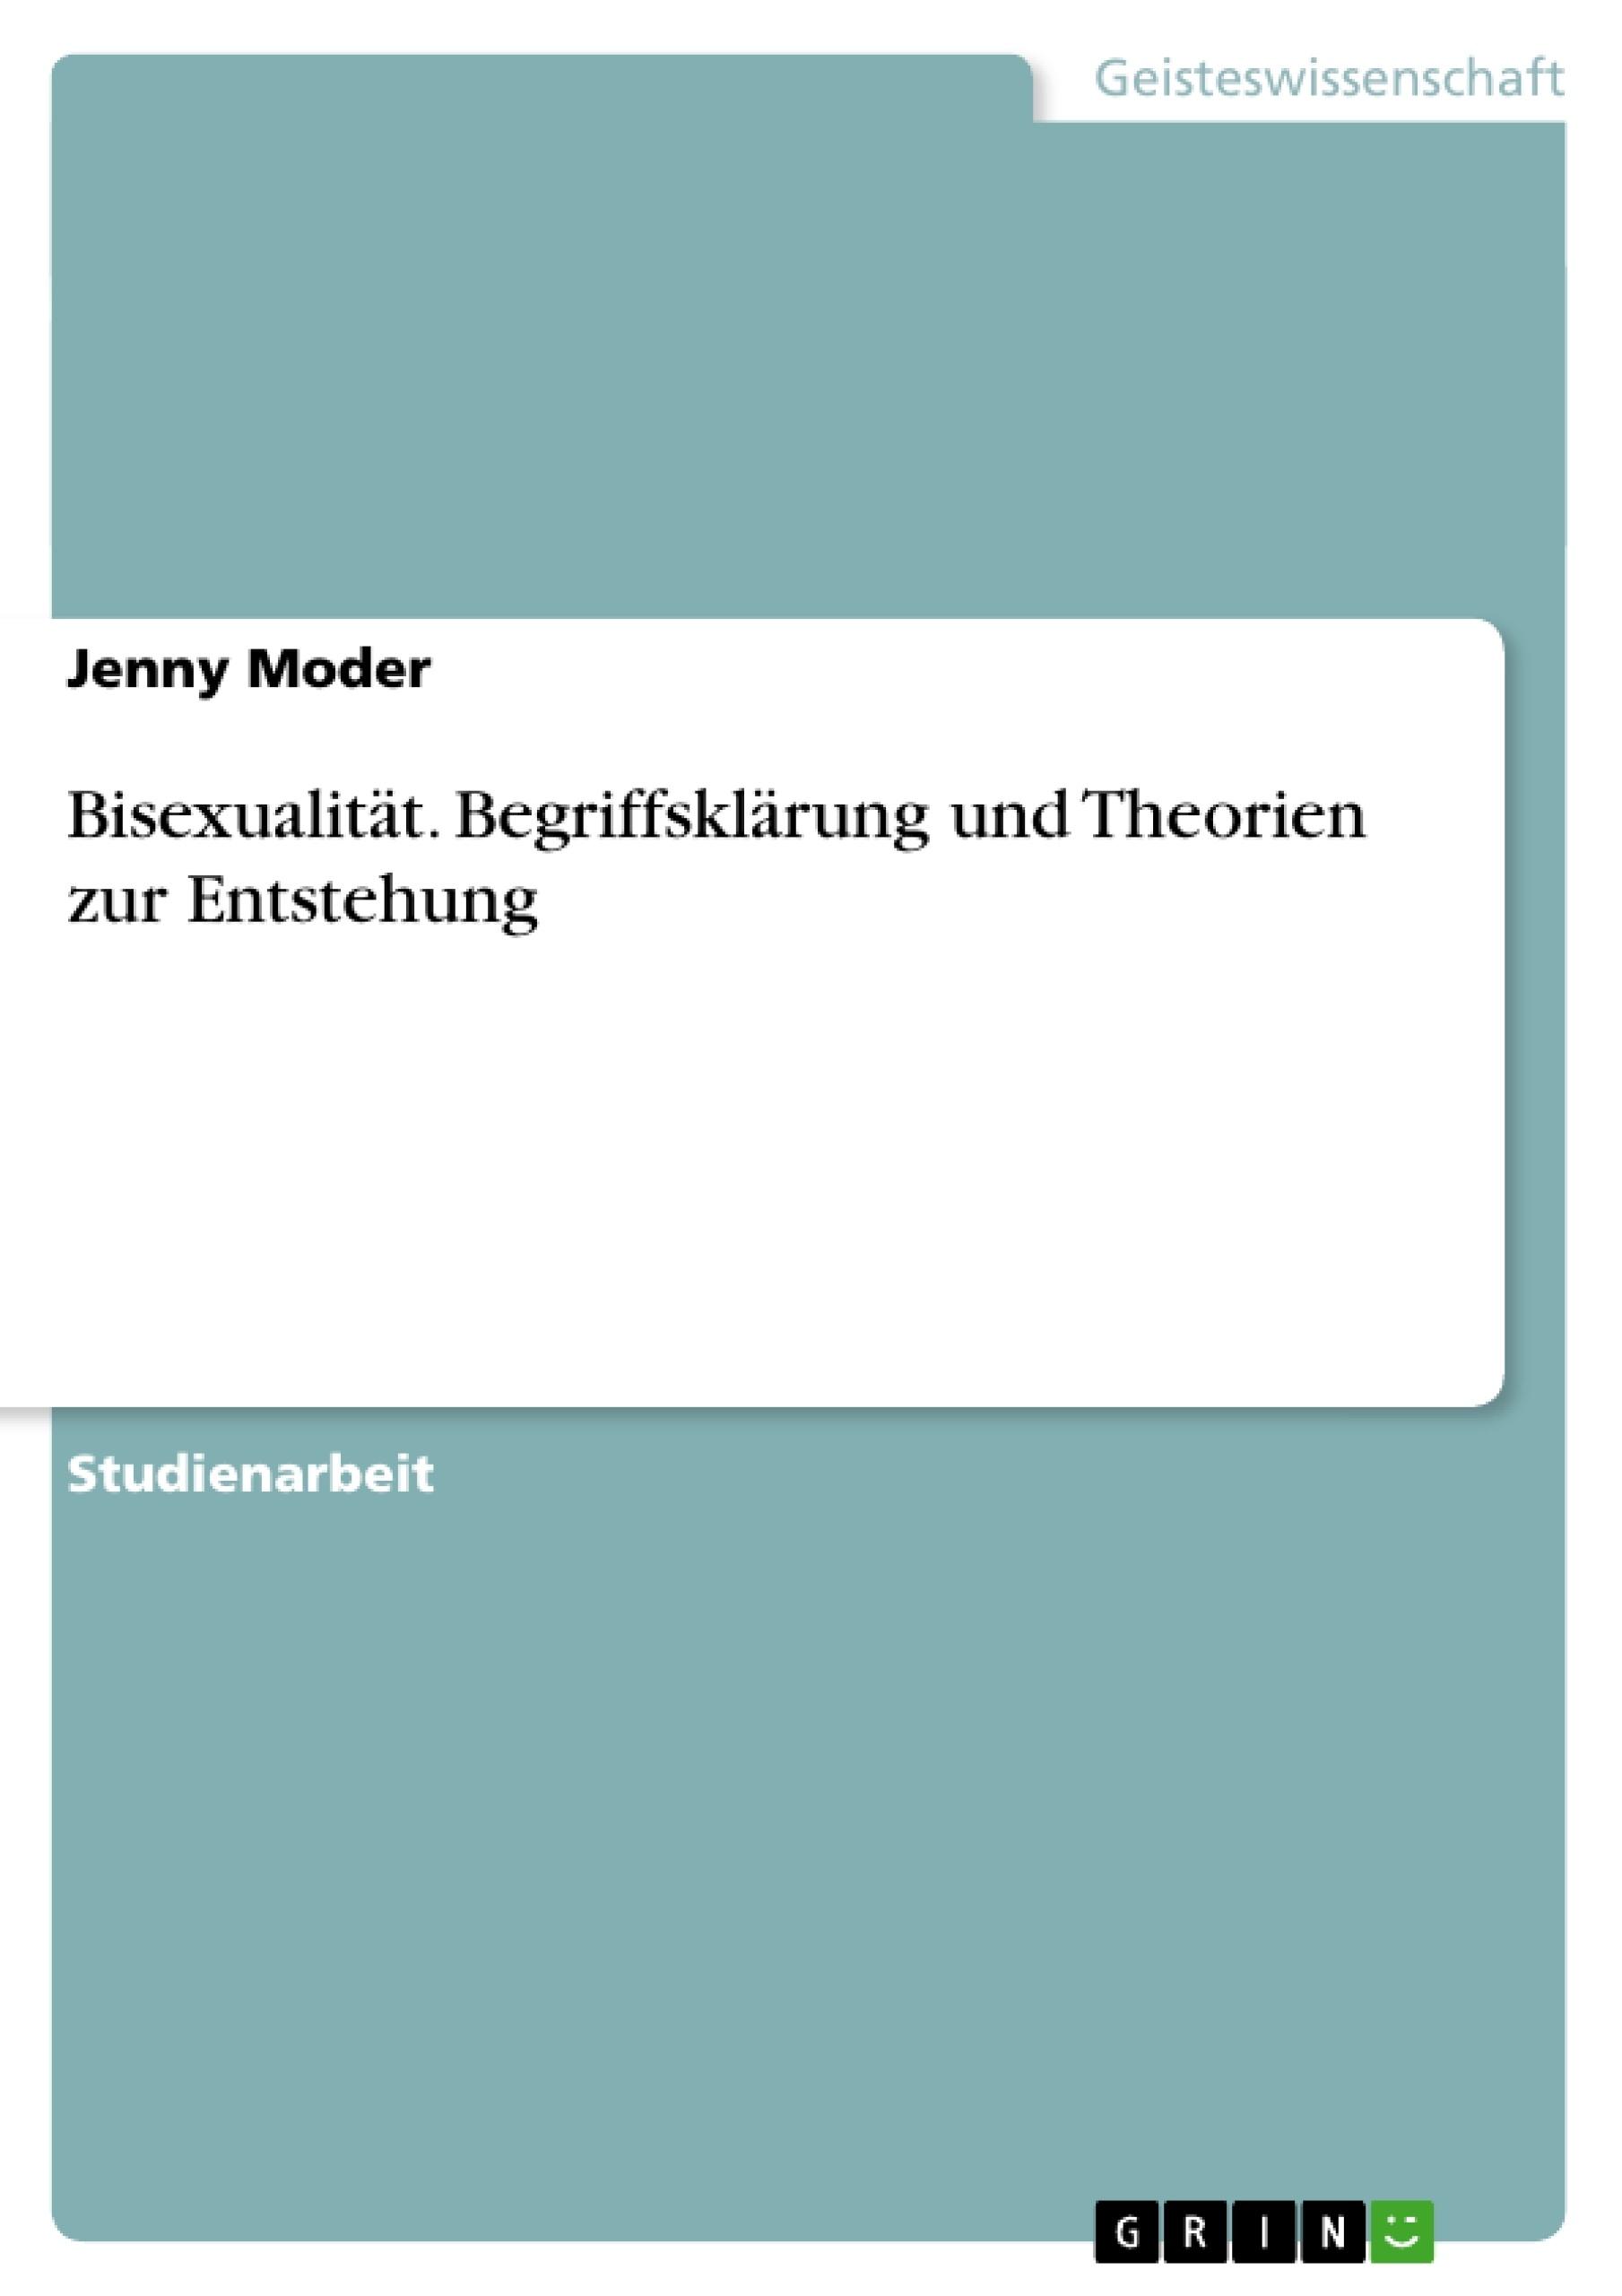 Titel: Bisexualität. Begriffsklärung und Theorien zur Entstehung